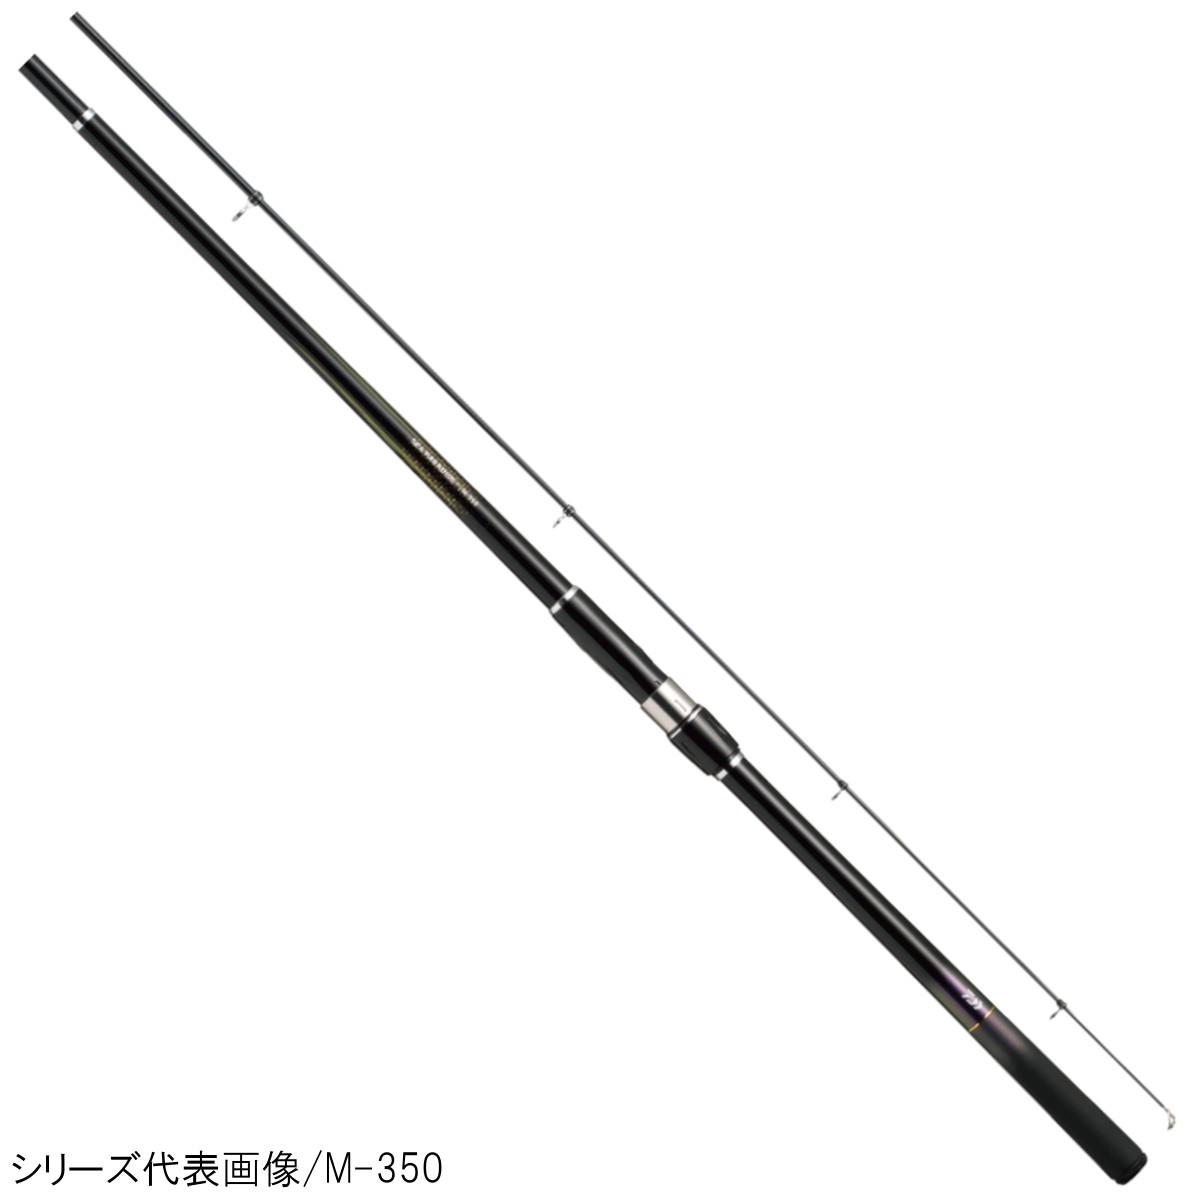 ダイワ シーパラダイス M-400・E